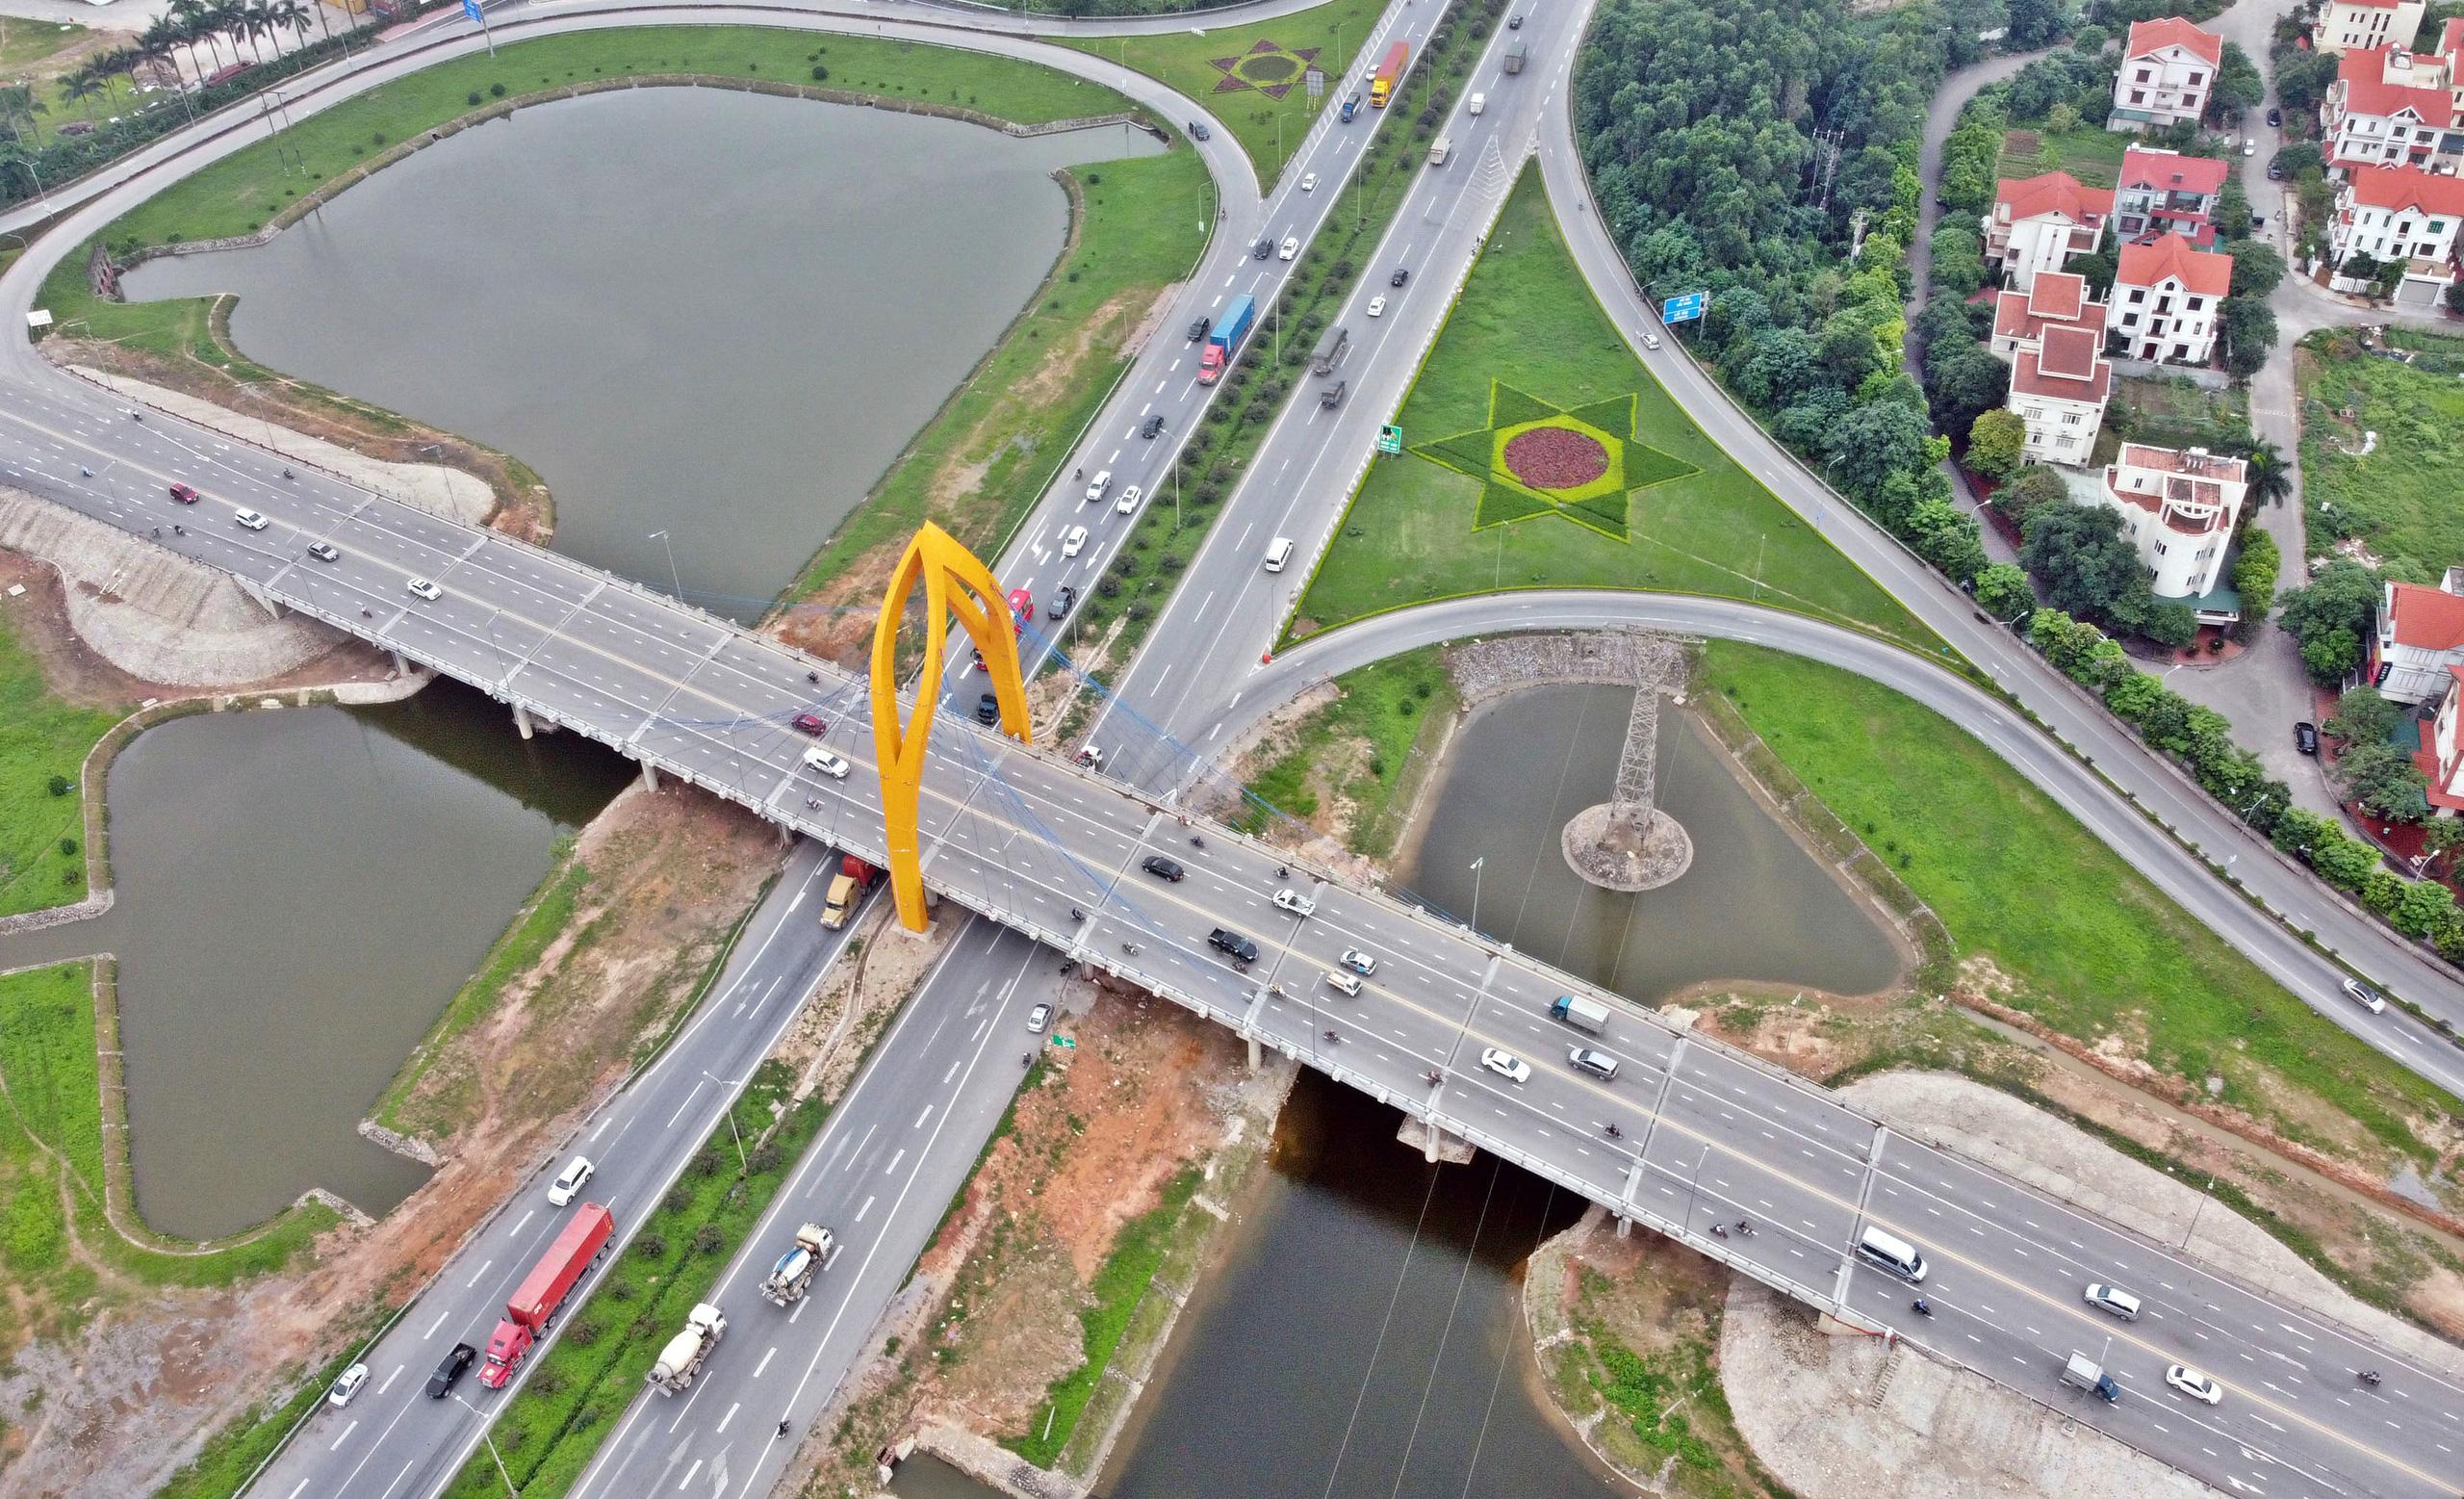 Toàn cảnh Bắc Ninh trước khi lên thành phố trực thuộc trung ương - Ảnh 18.